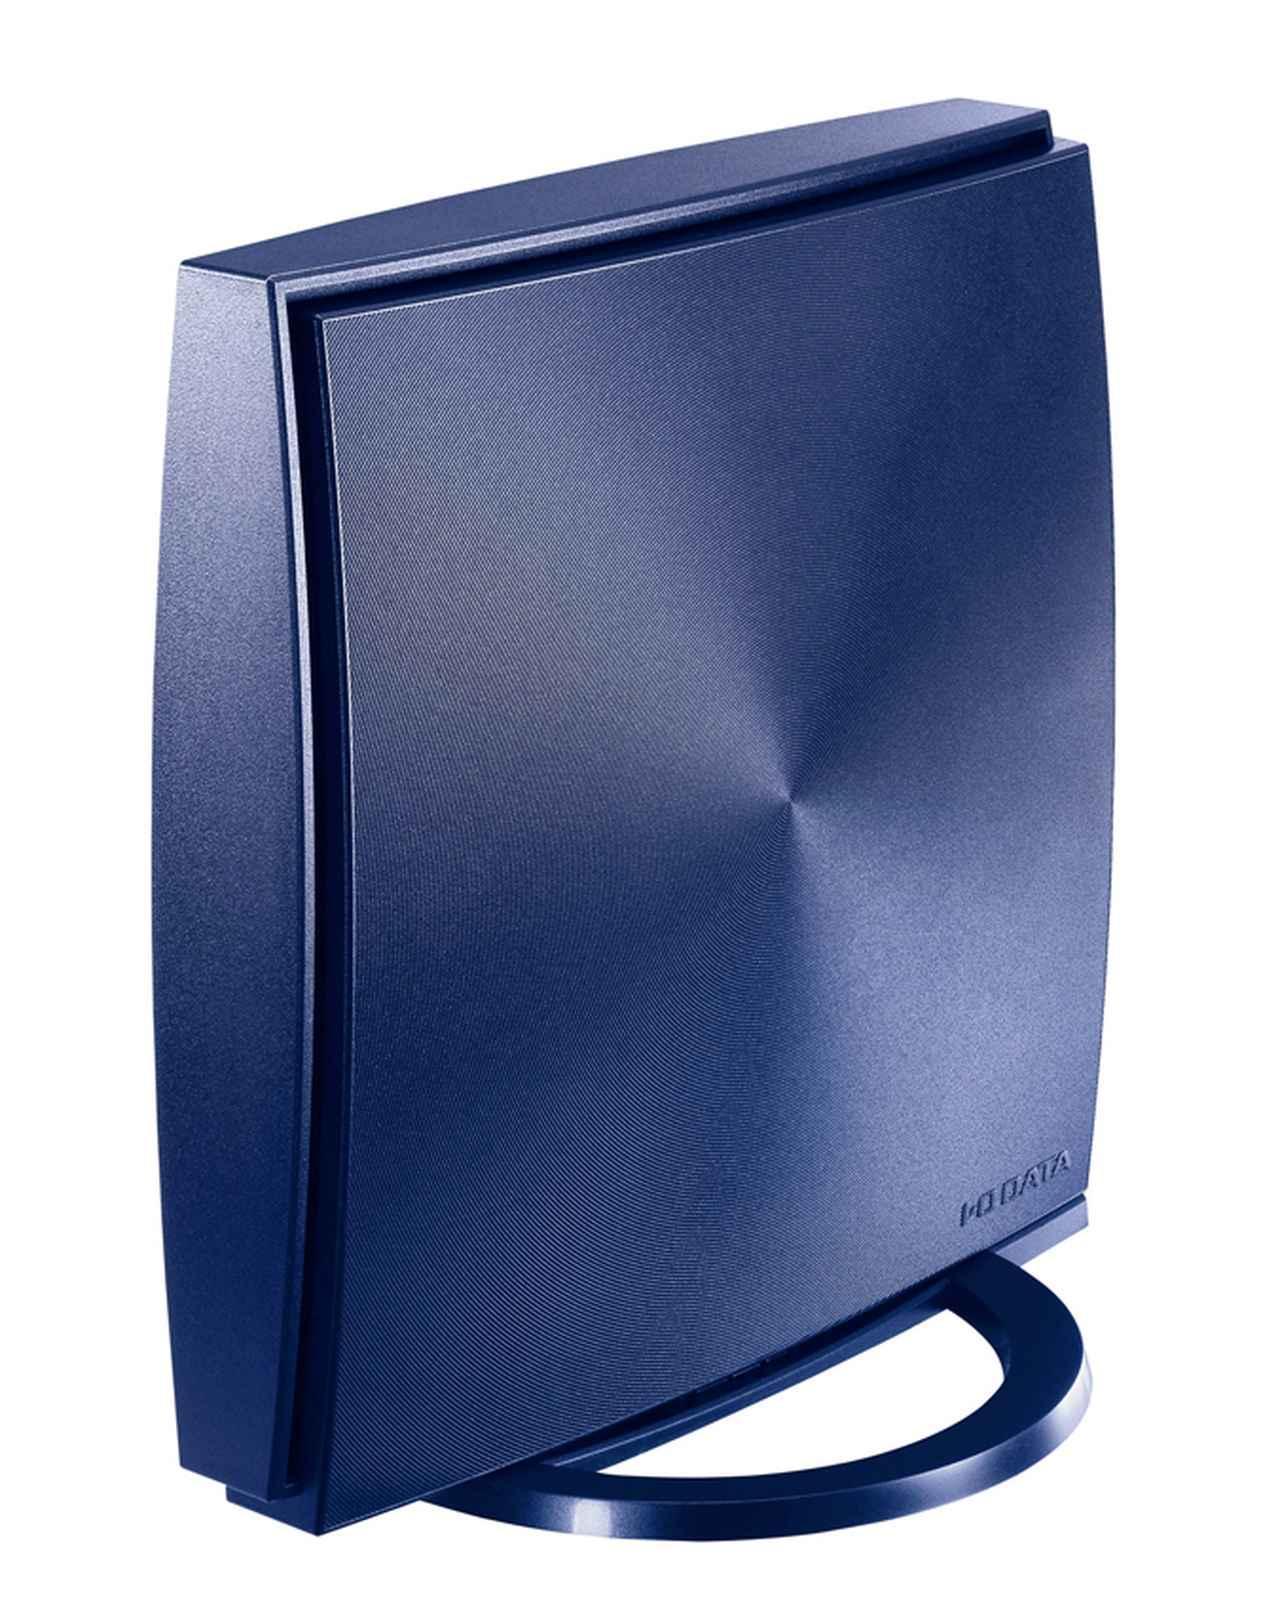 画像1: アイ・オー・データ機器 WN-AX2033GR2